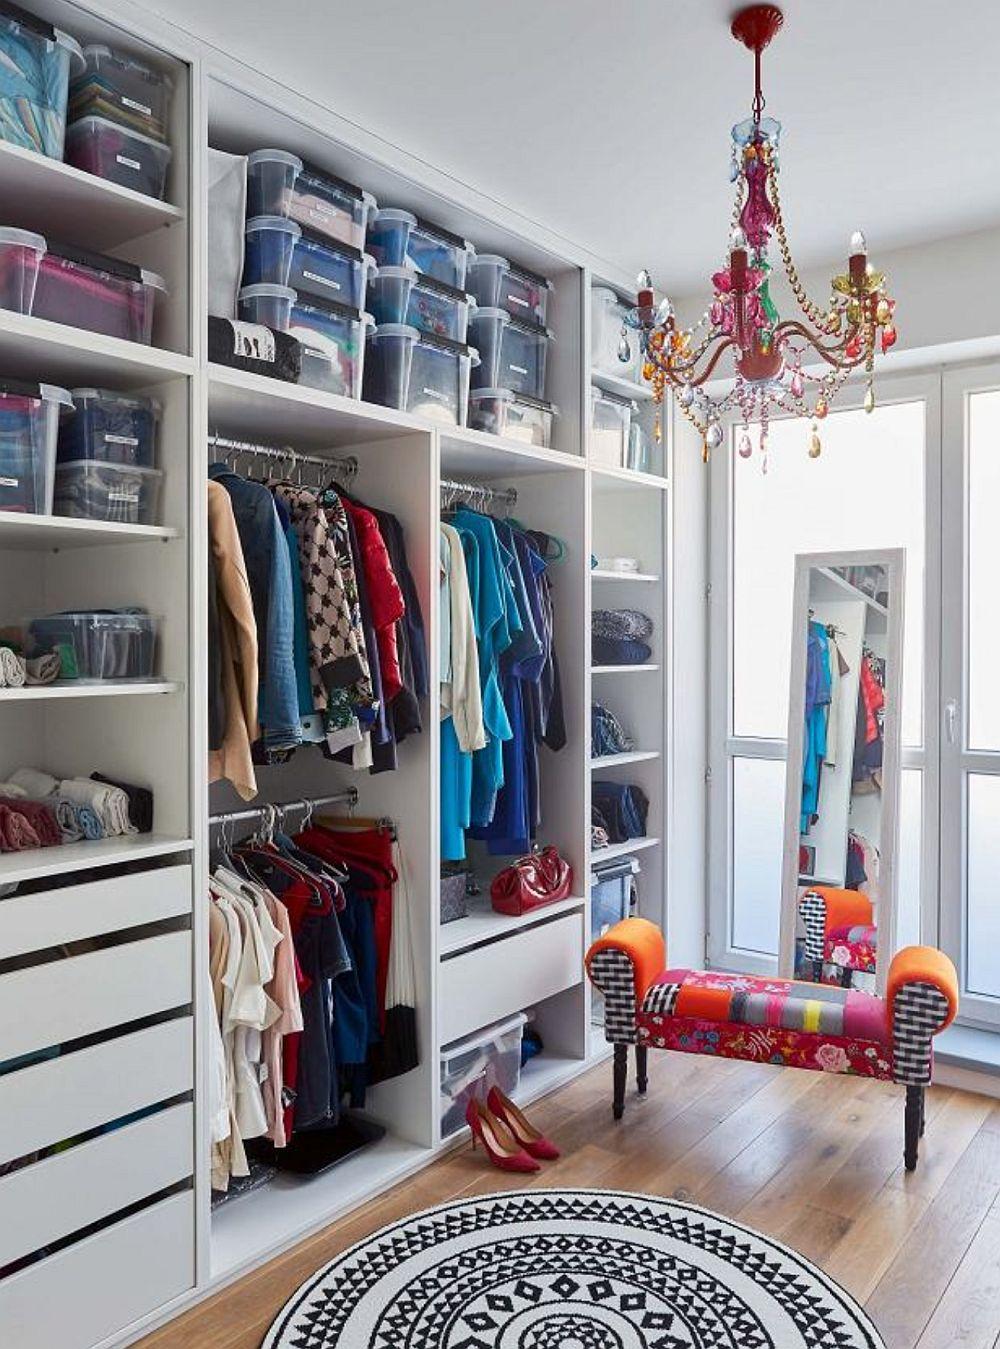 Dressingul este o cameră dedicată depozitării hainelor, ca atare nu a fost nevoie ca dulapurile să aibă uși. În această cmeră designerii au găsit locul obiectelor colorate achiziționate încă înainte de amenajare de către proprietară, respectiv taburetele tapițat și candelabrul colorat. (ambele piese le poți găsi la kika).